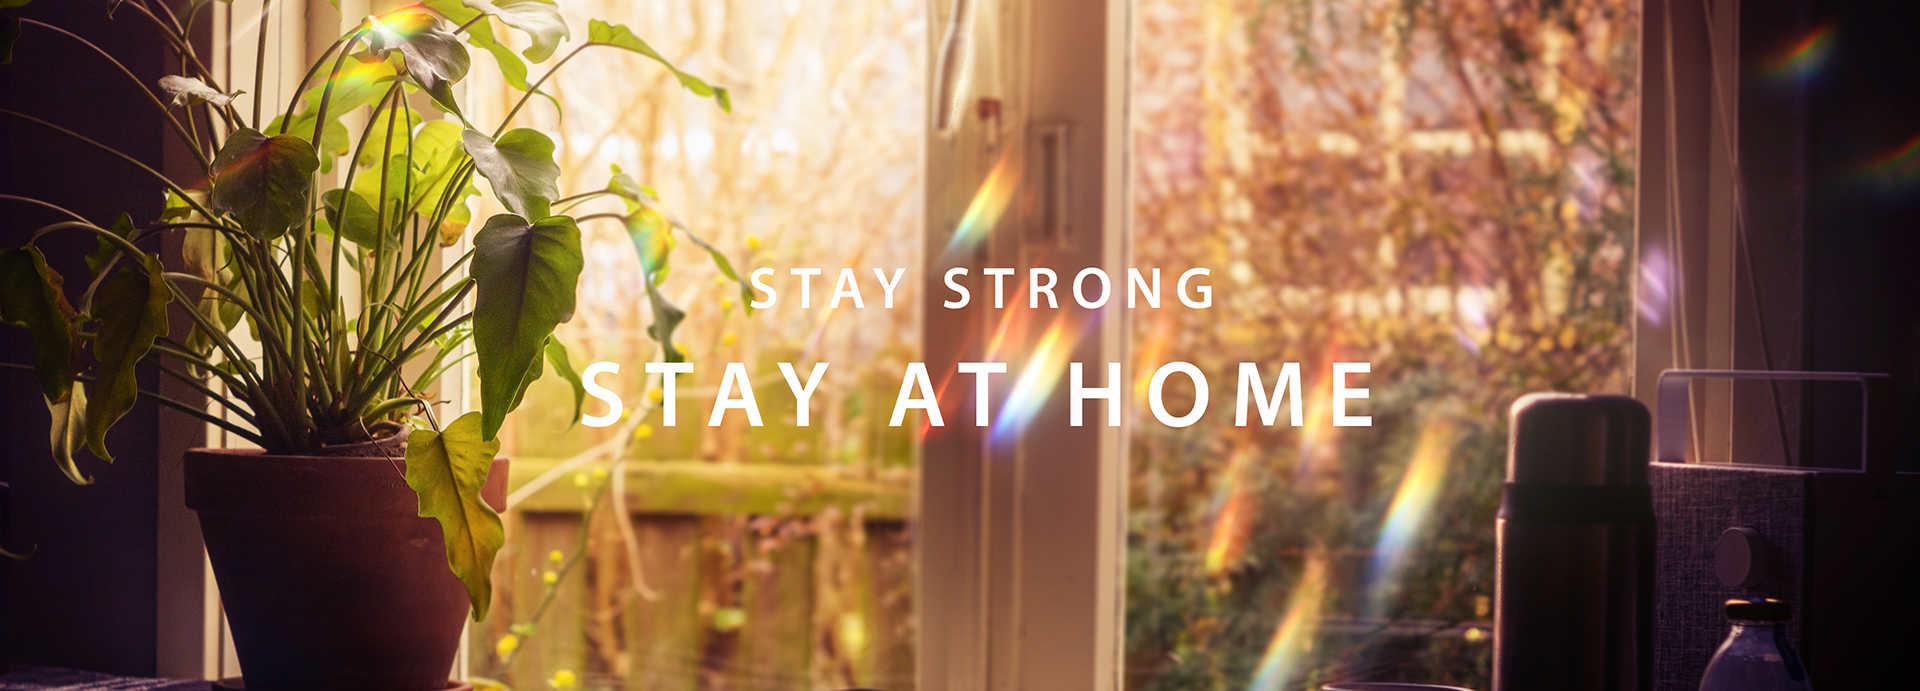 در خانه بمانیم - ویکی ووک